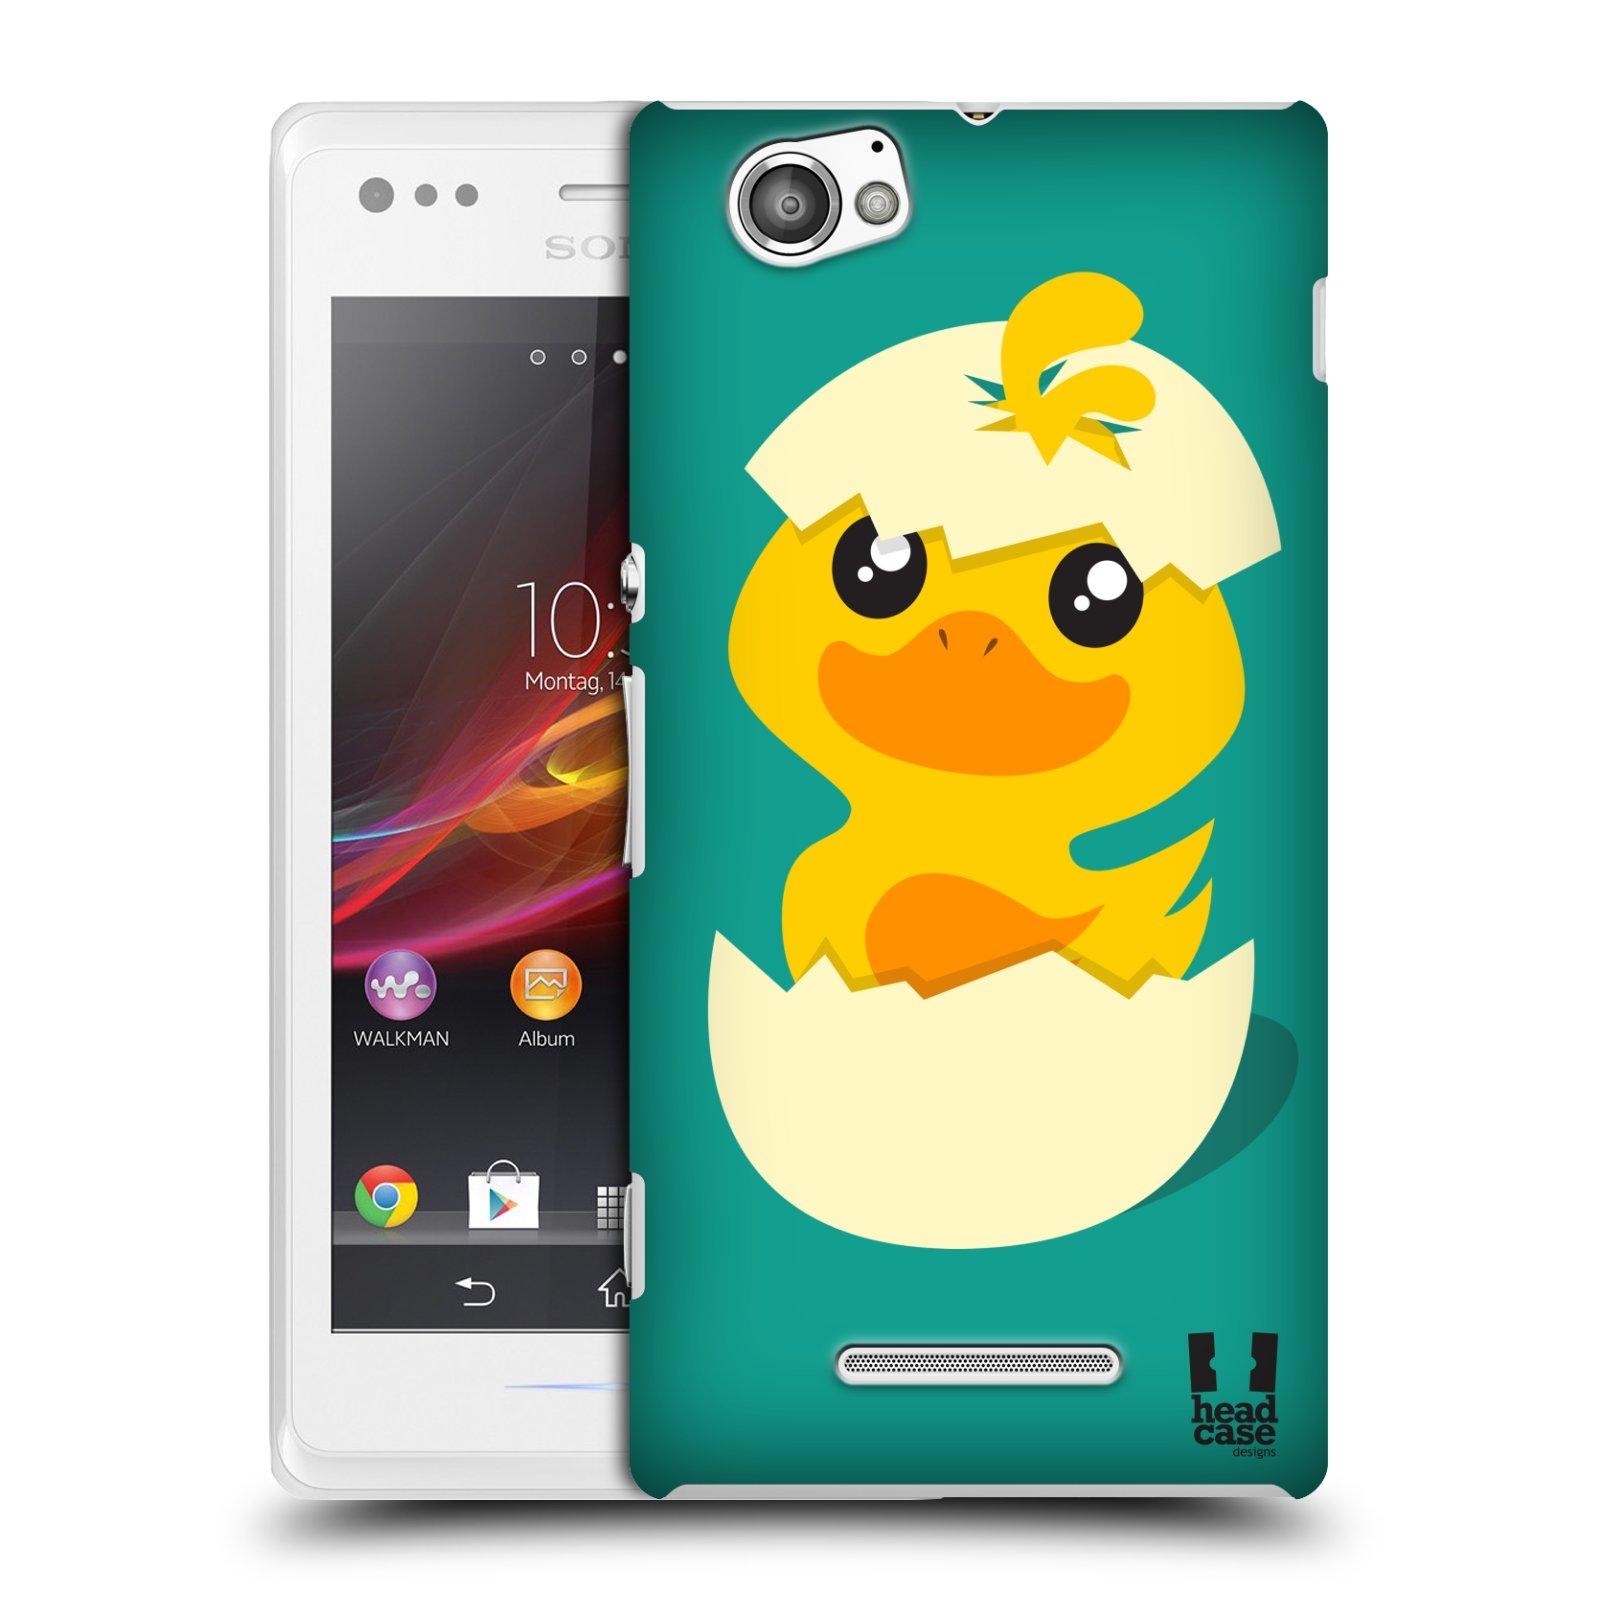 Plastové pouzdro na mobil Sony Xperia M C1905 HEAD CASE KACHNIČKA Z VAJÍČKA (Kryt či obal na mobilní telefon Sony Xperia M a M Dual)